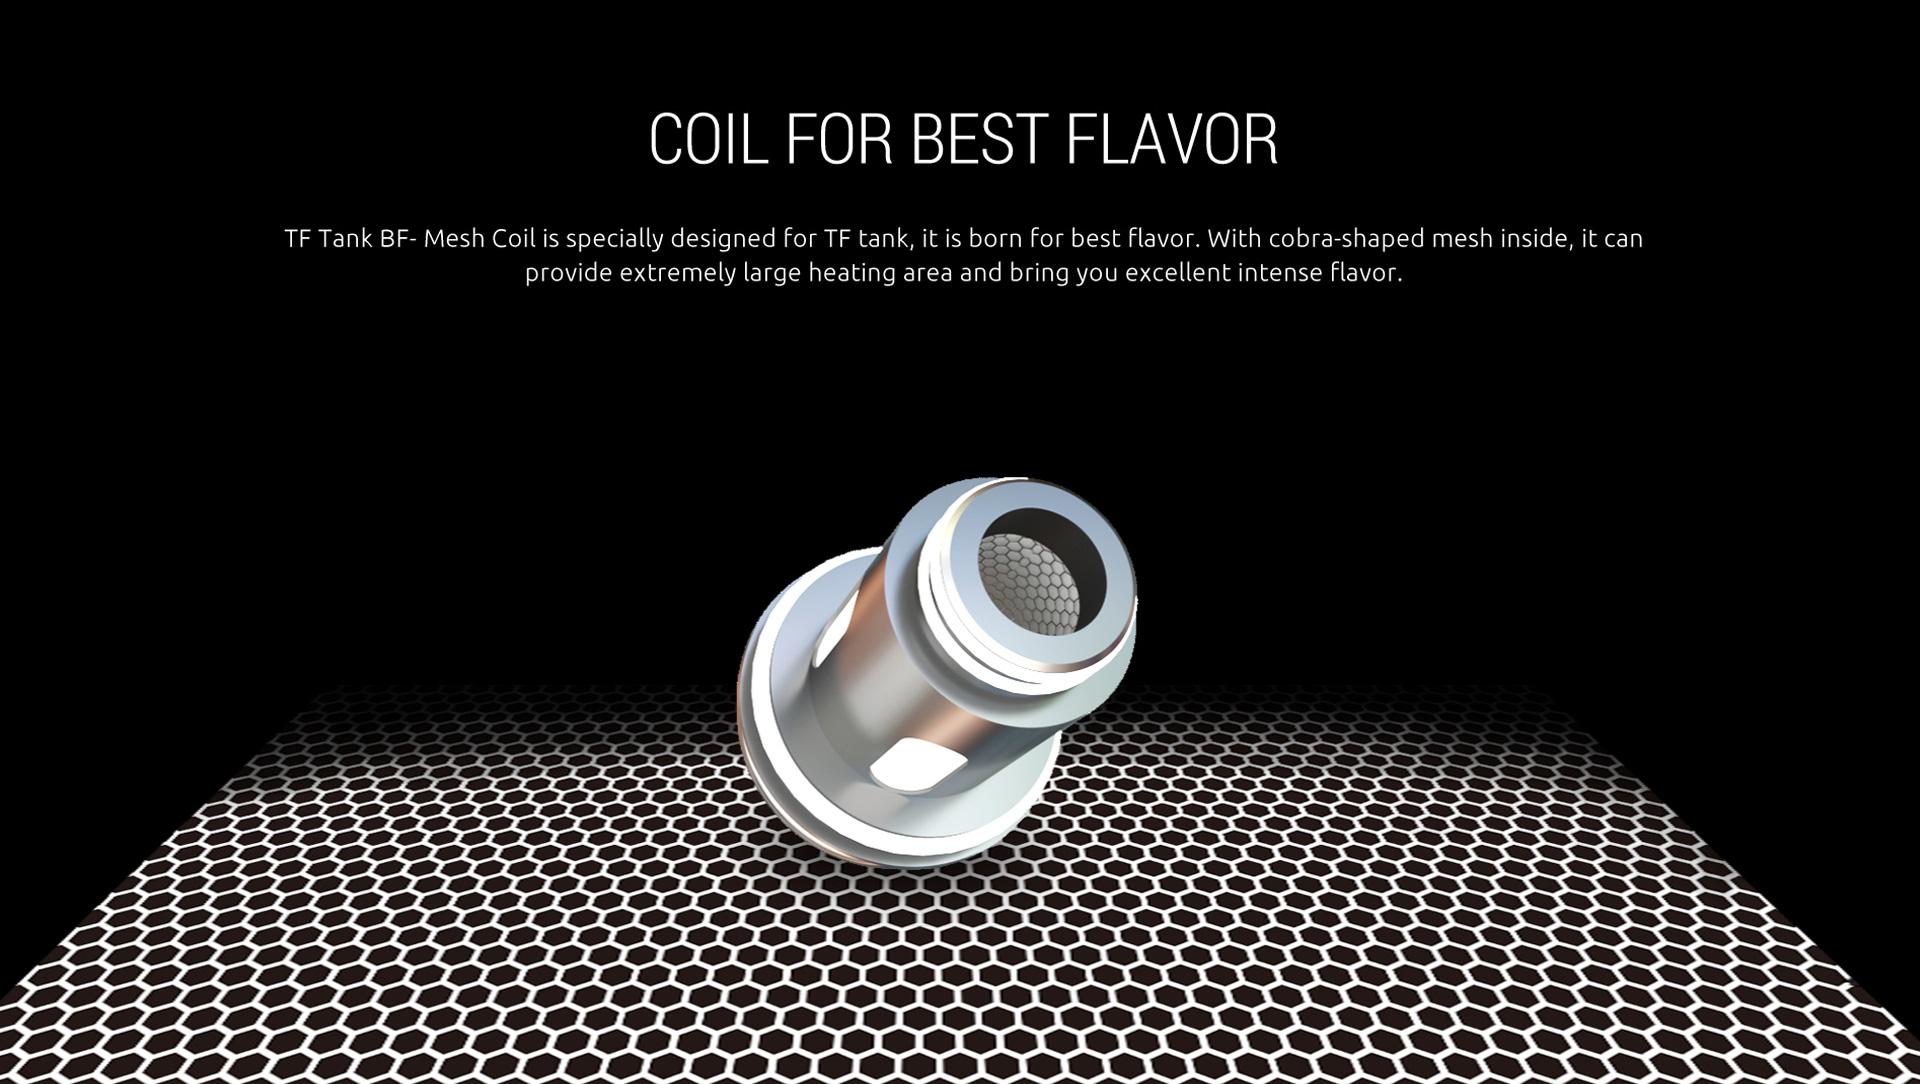 TF TANK BF-MESH COIL.jpg